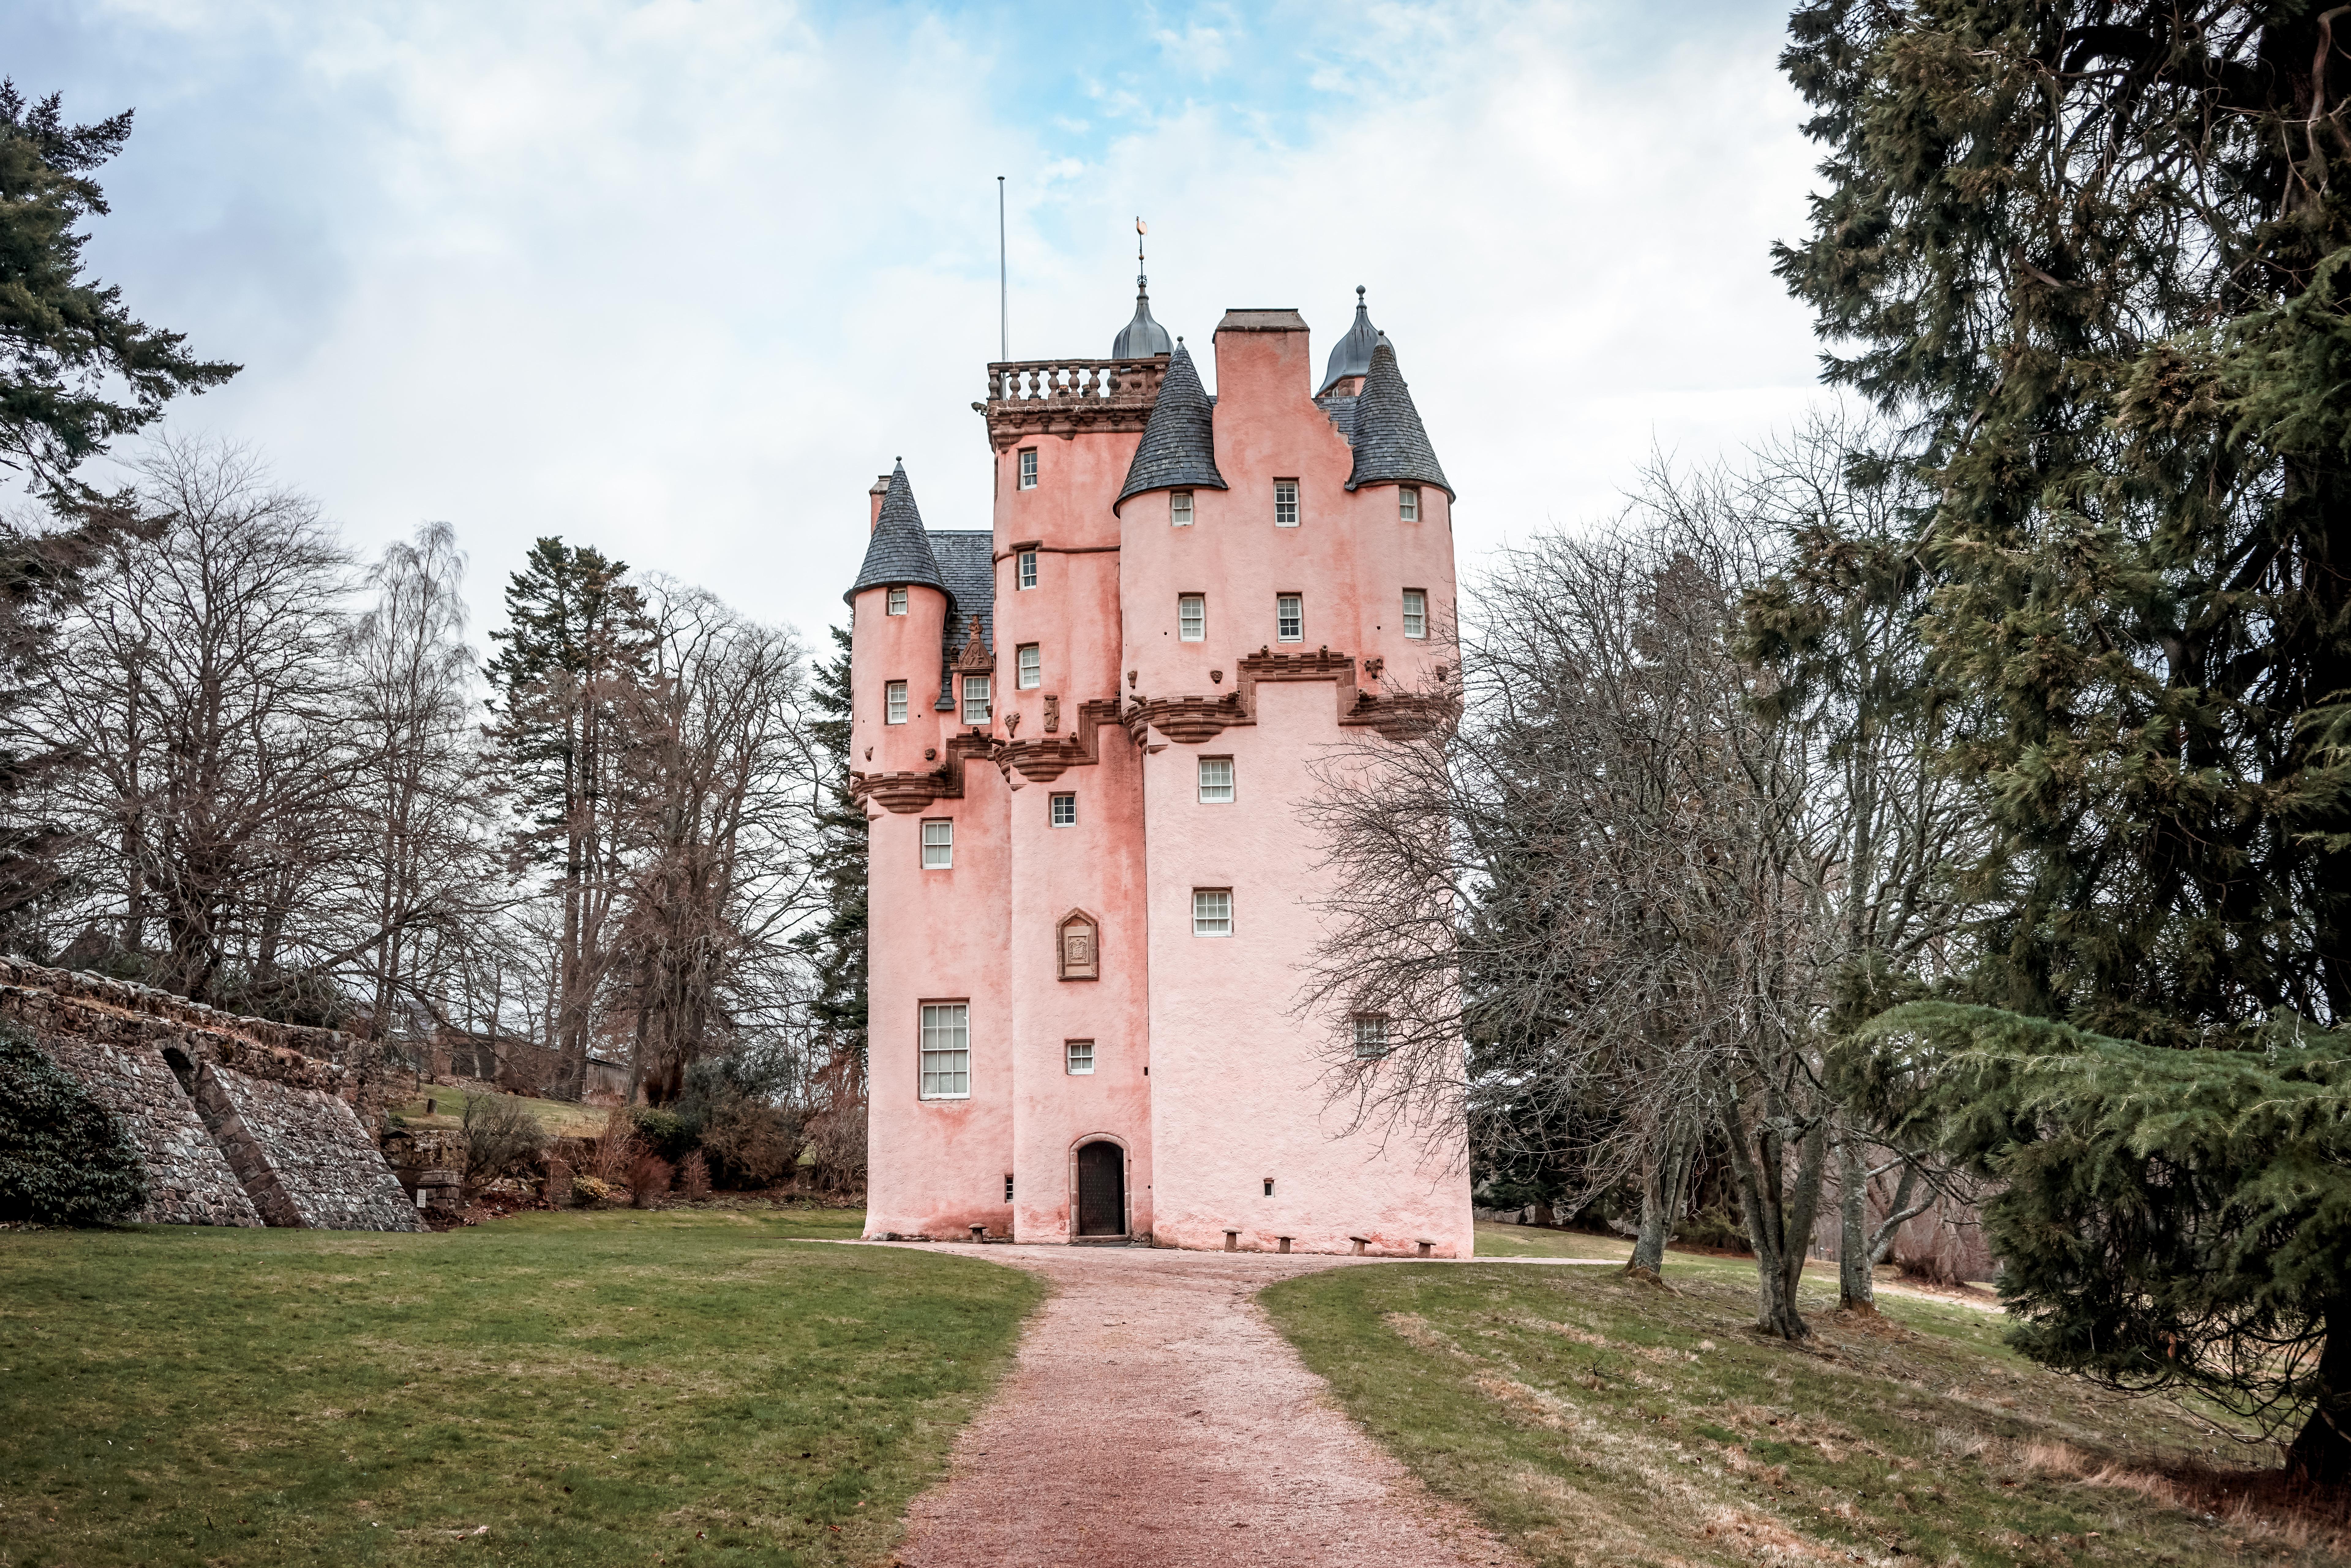 72 hours in Aberdeenshire | Craigevar Castle